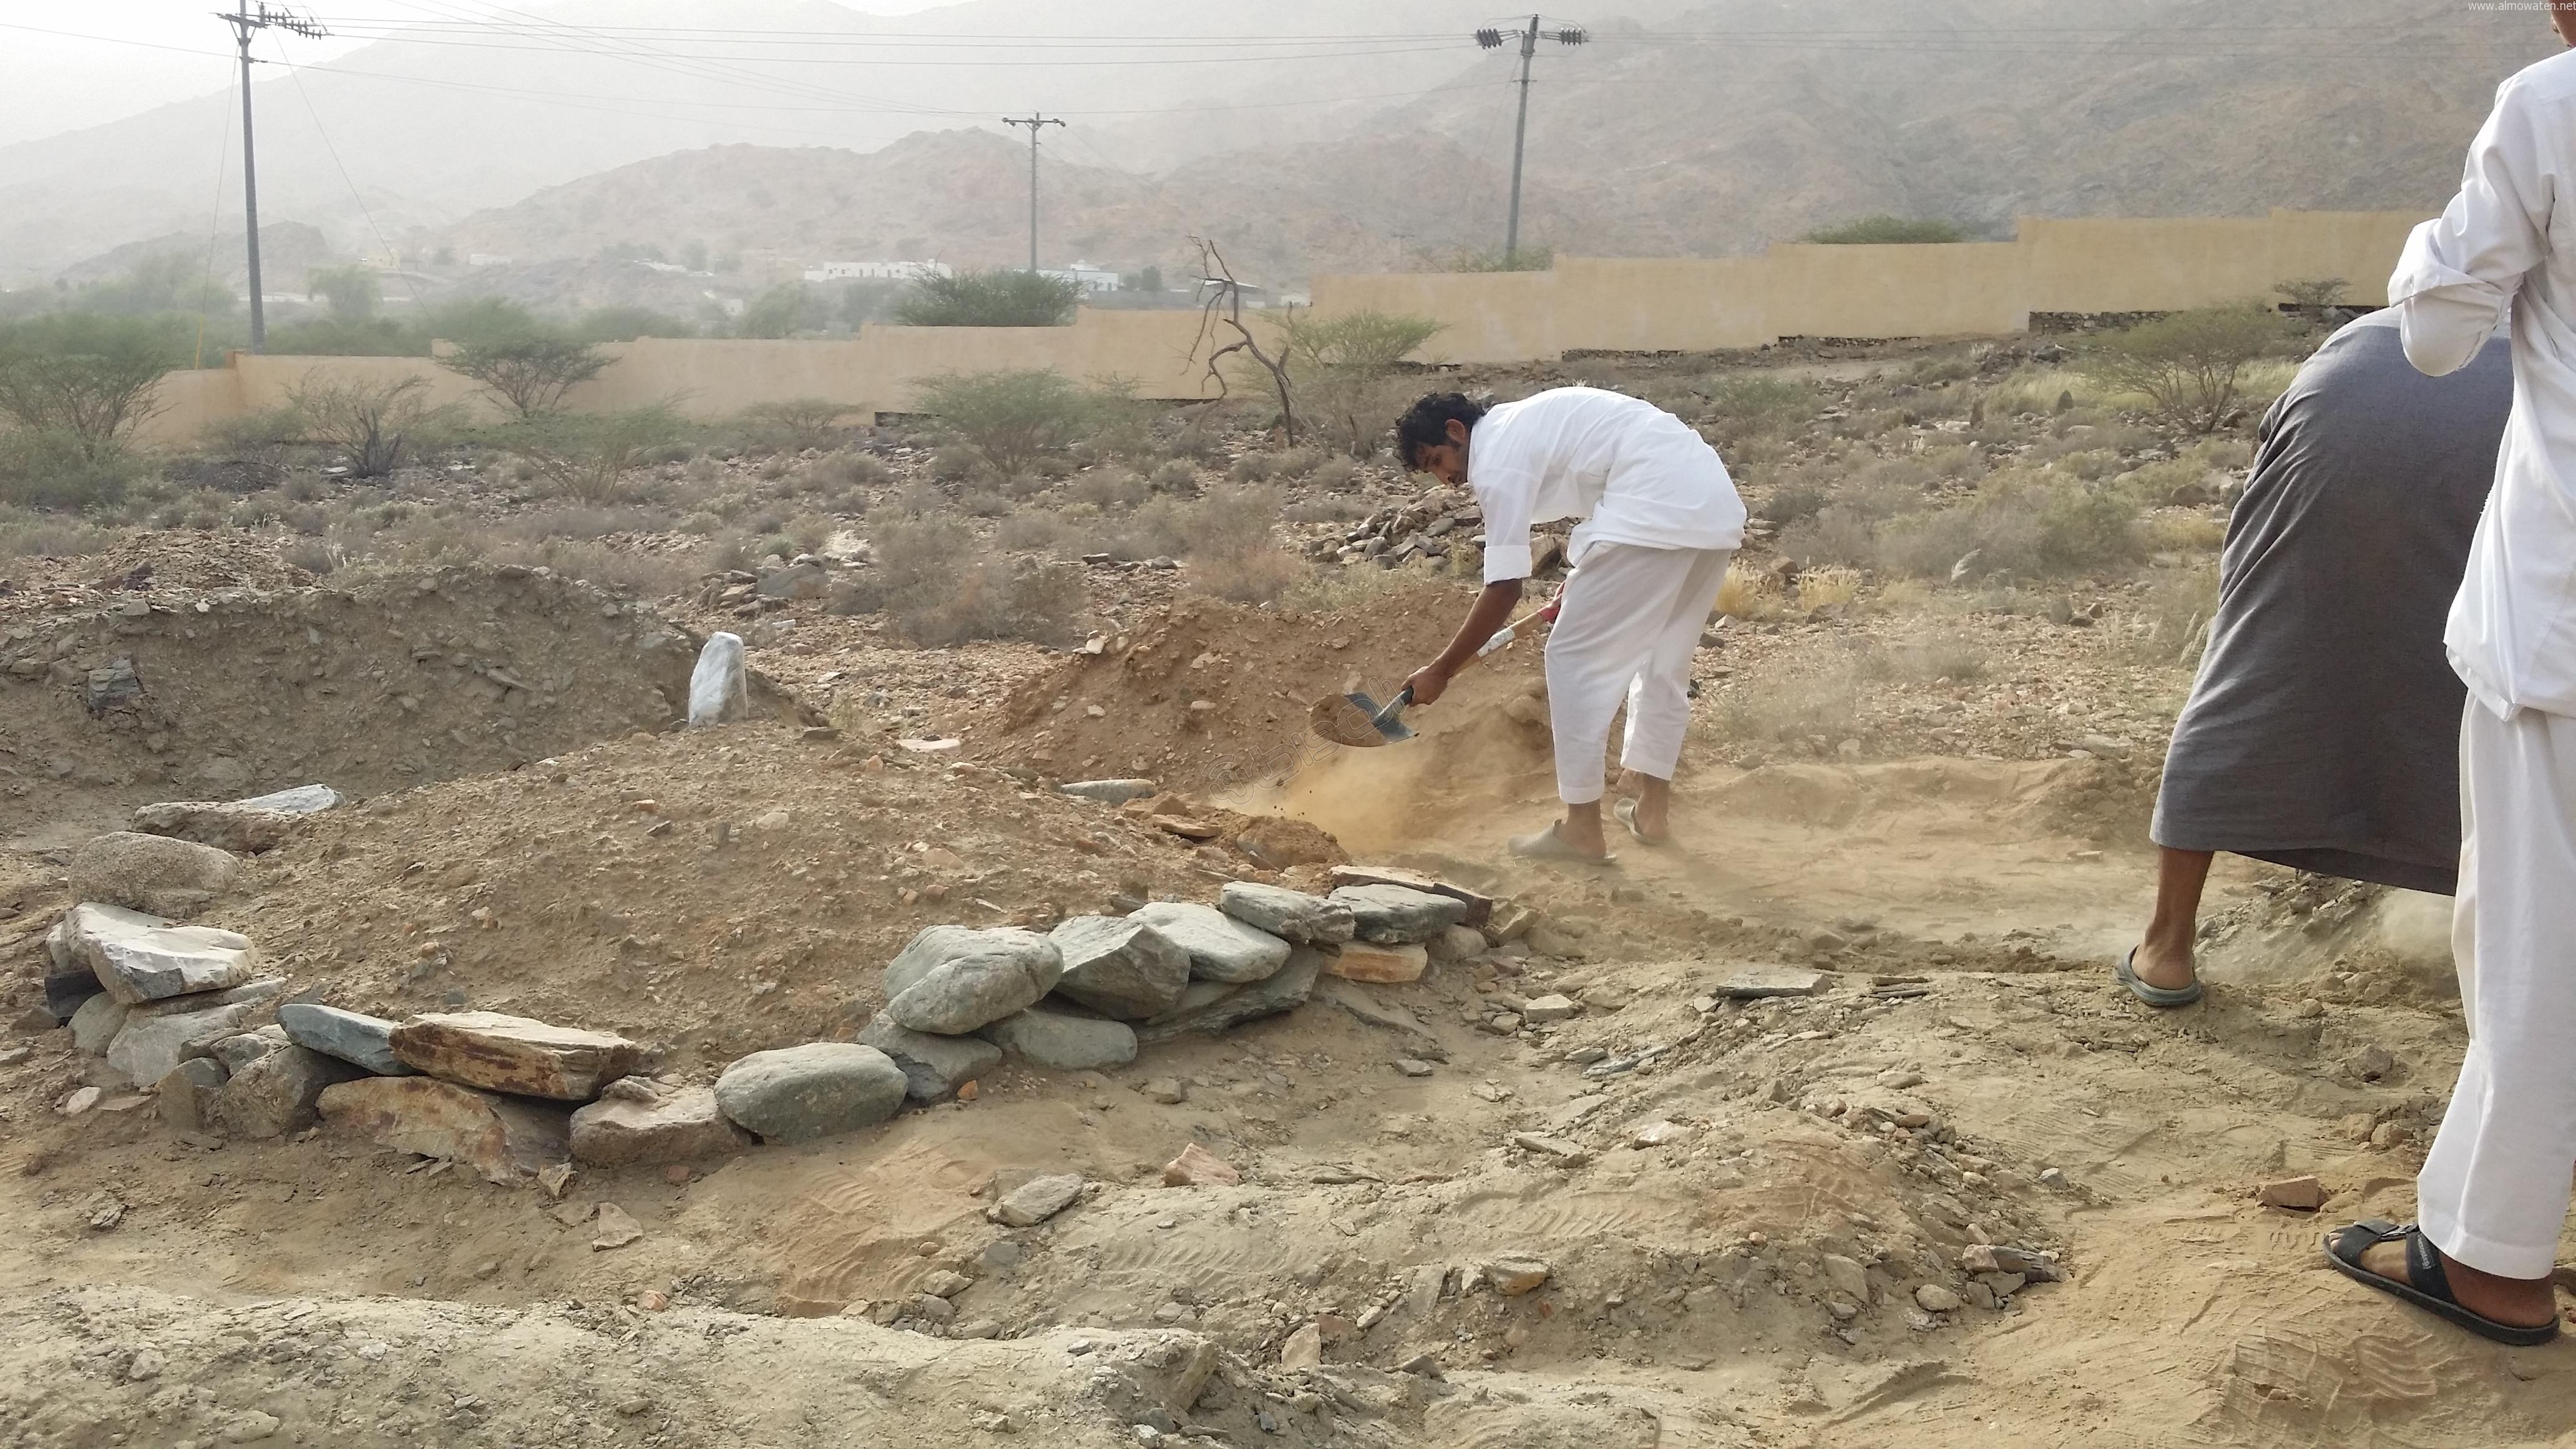 شباب #وادي_العرج ينقذون مقابرهم من السيول وبلدية #أضم غائبة (3)